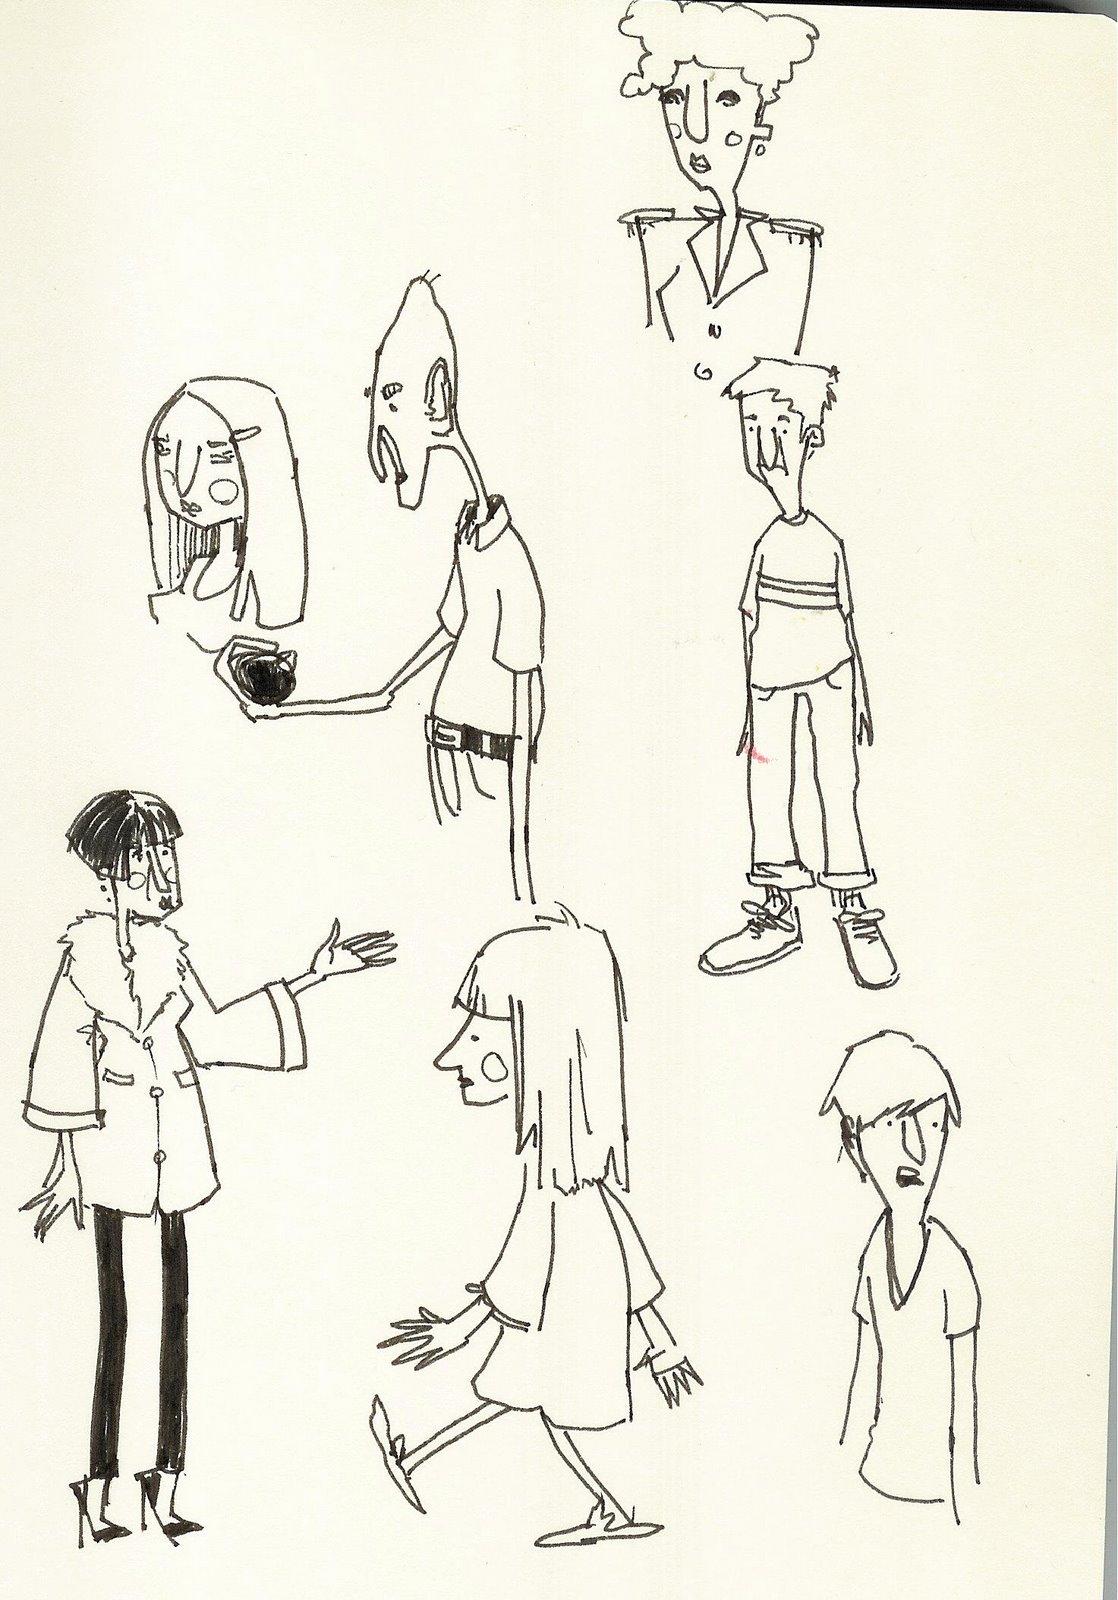 [doodle4]